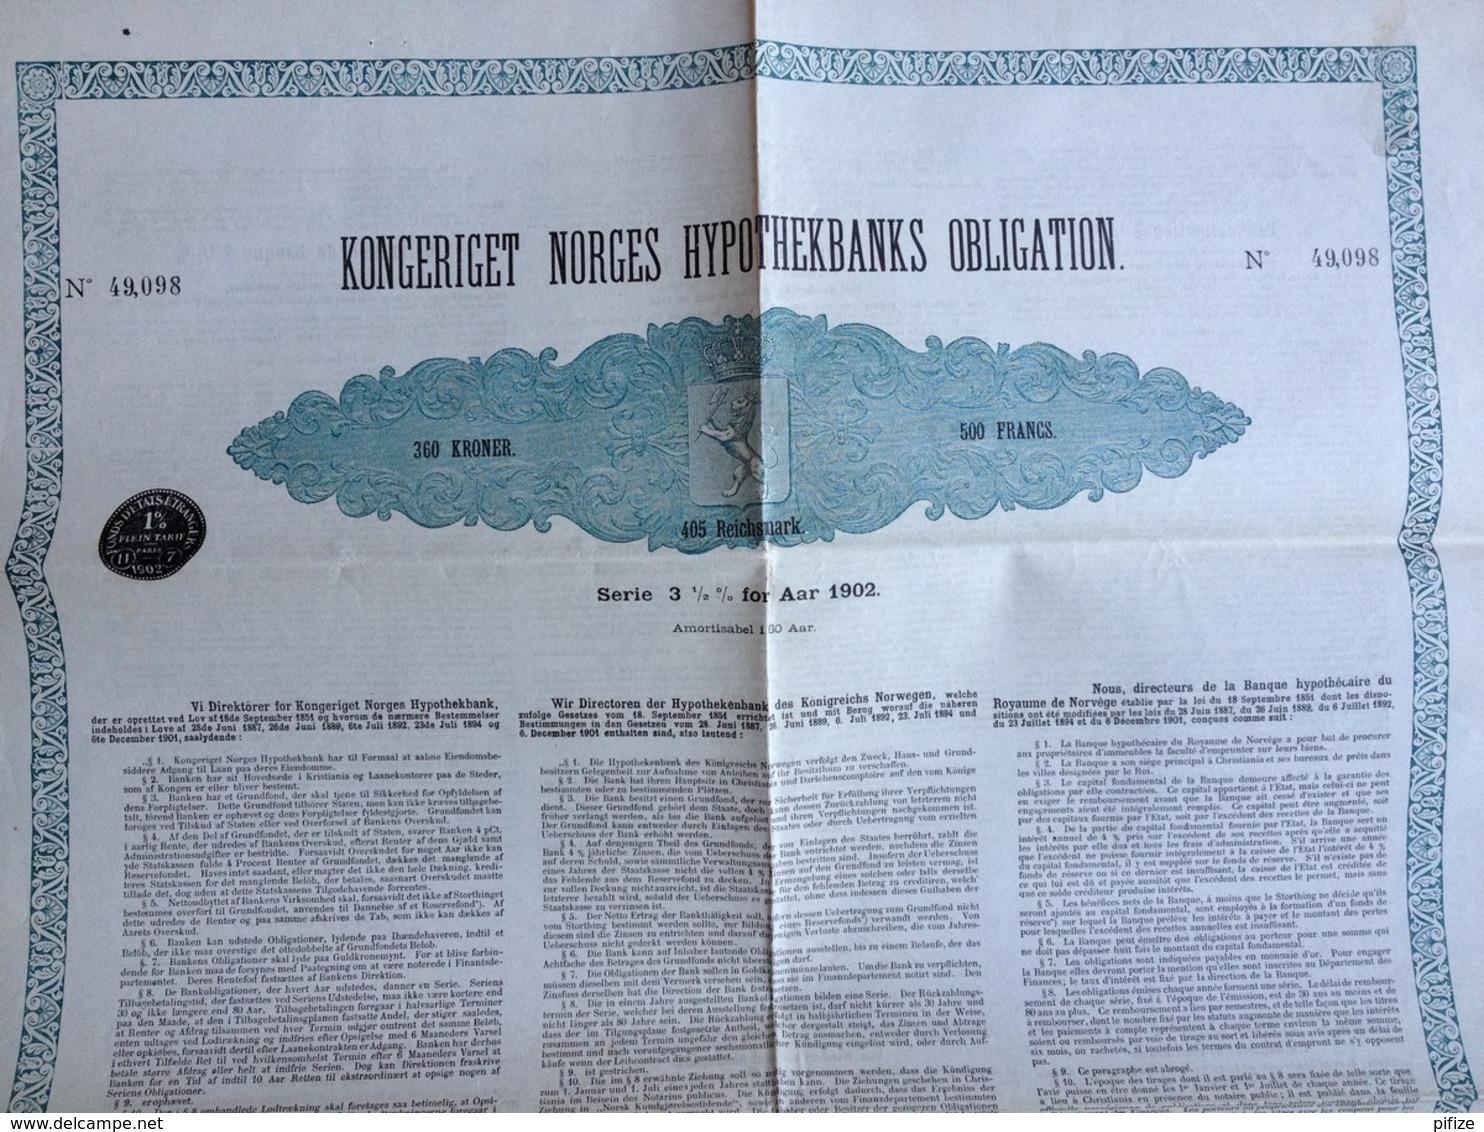 Kongeriget Norges Hypothekbanks Obligation . Banque Hypothécaire Du Royaume De Norvège . 500 F 3,5% 1902 . - Banque & Assurance